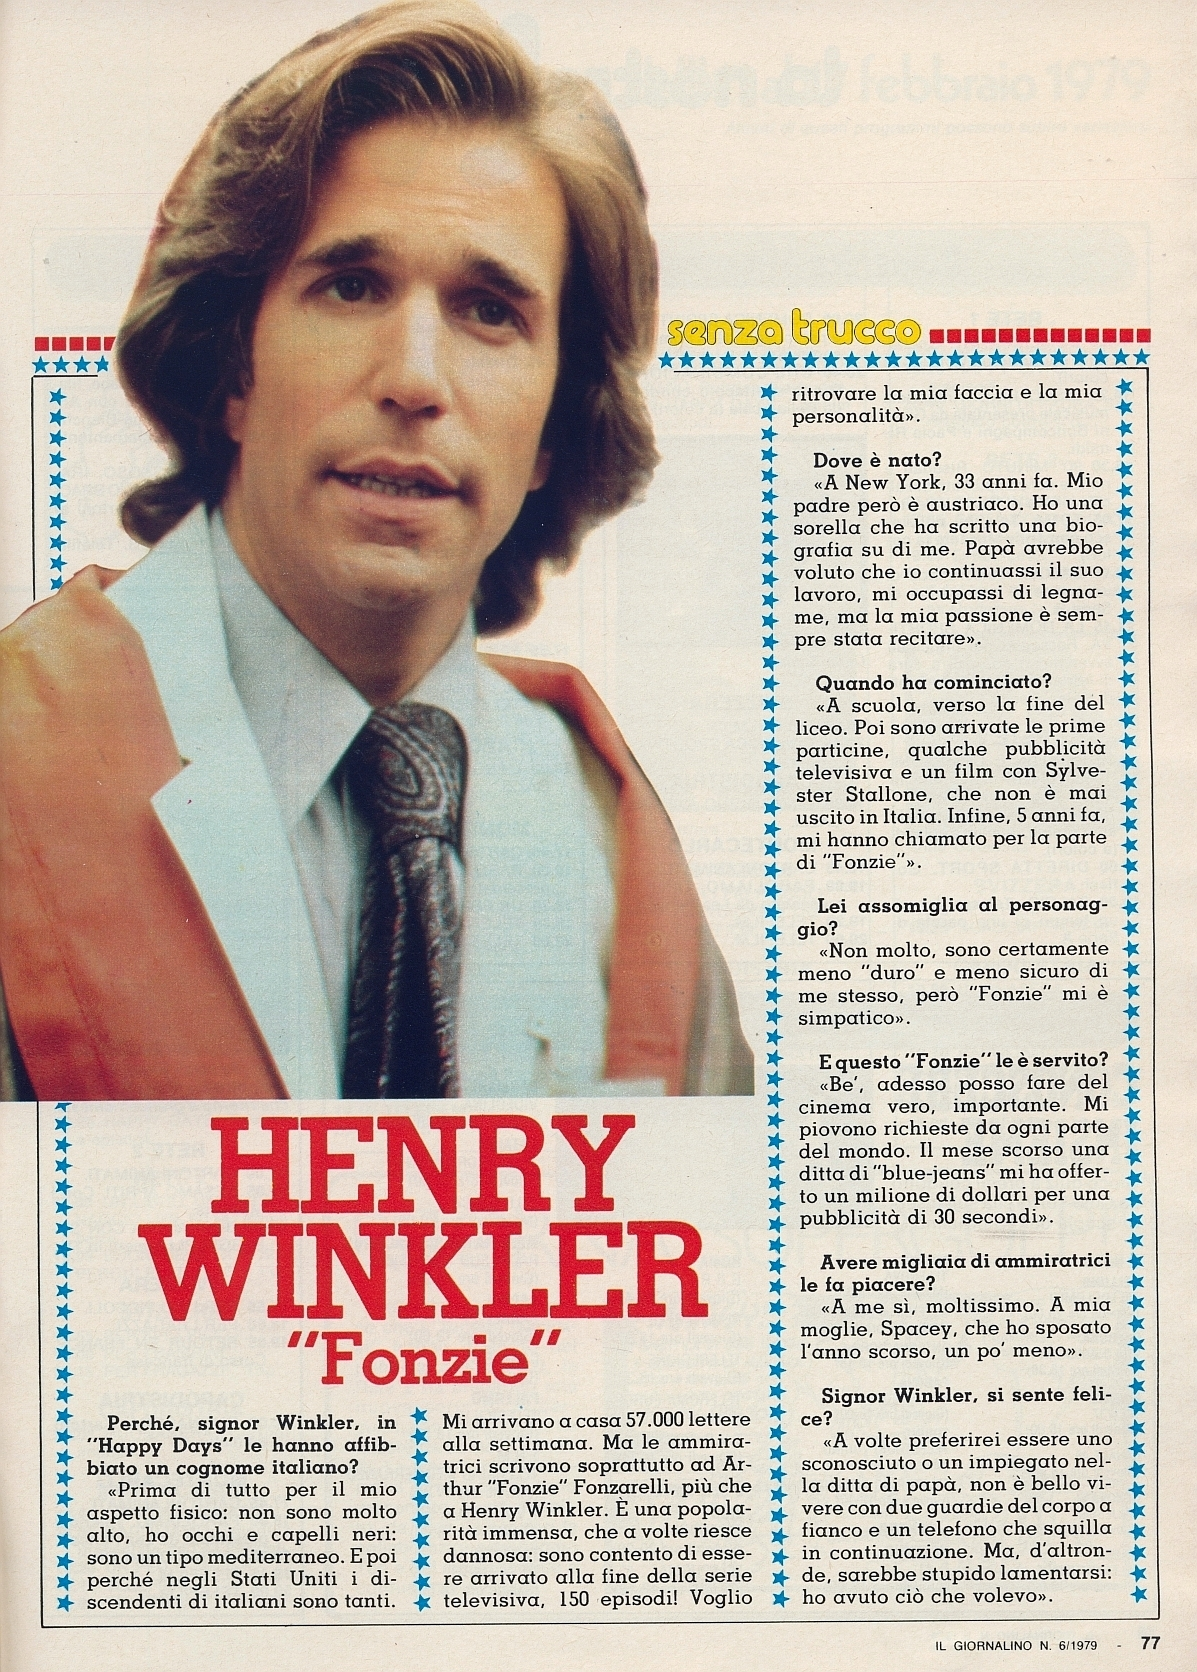 Corrierino e Giornalino: Henry Winkler